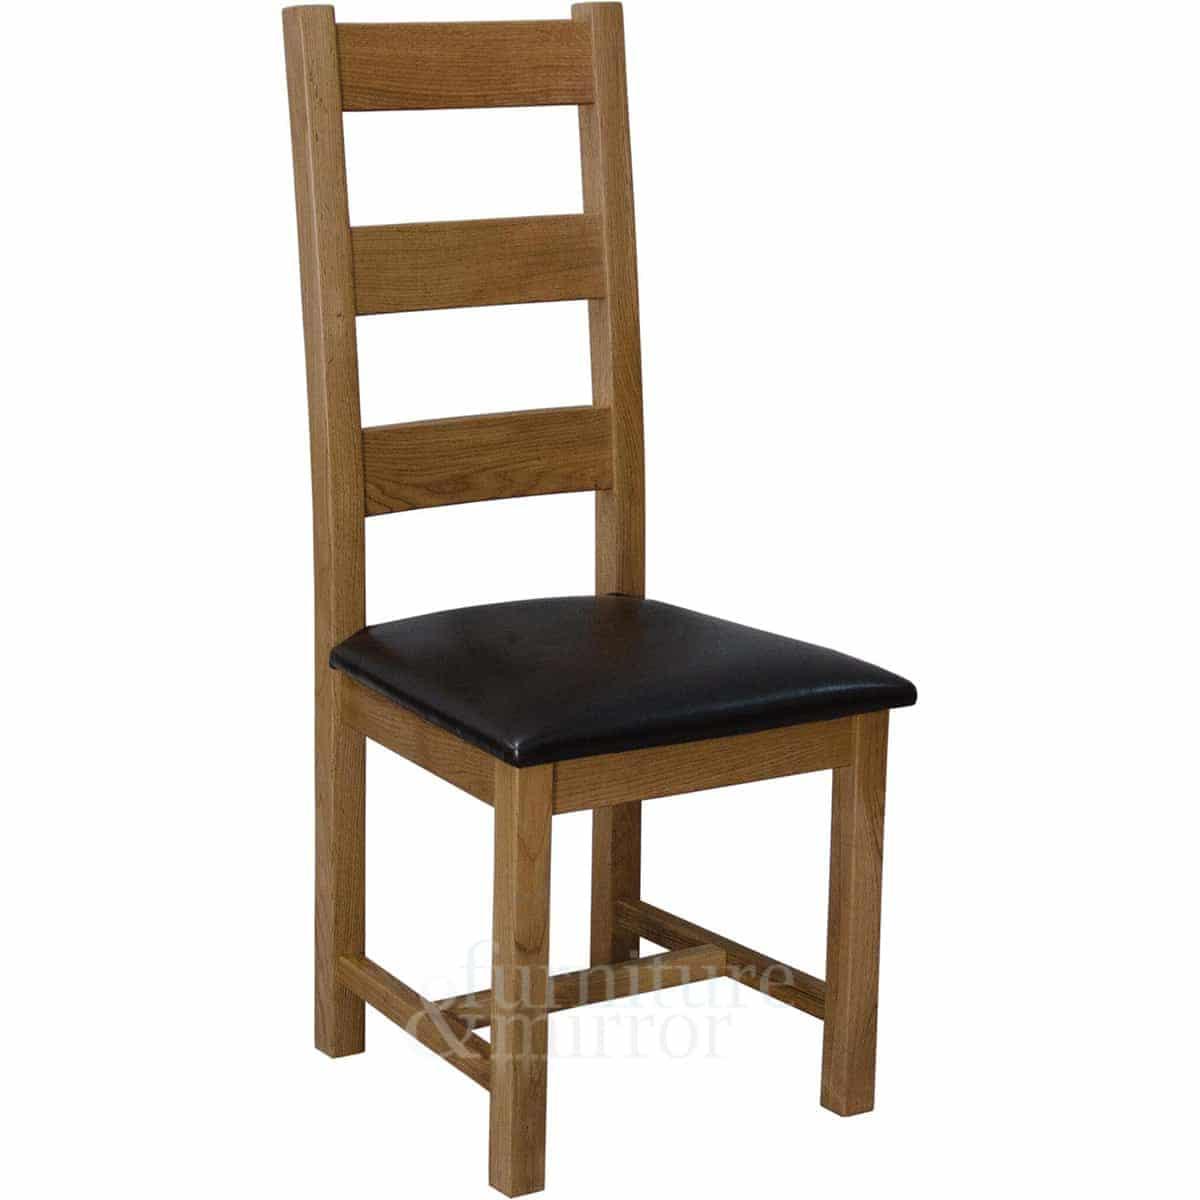 Wessex Ladderback Chair- WSXLADDER